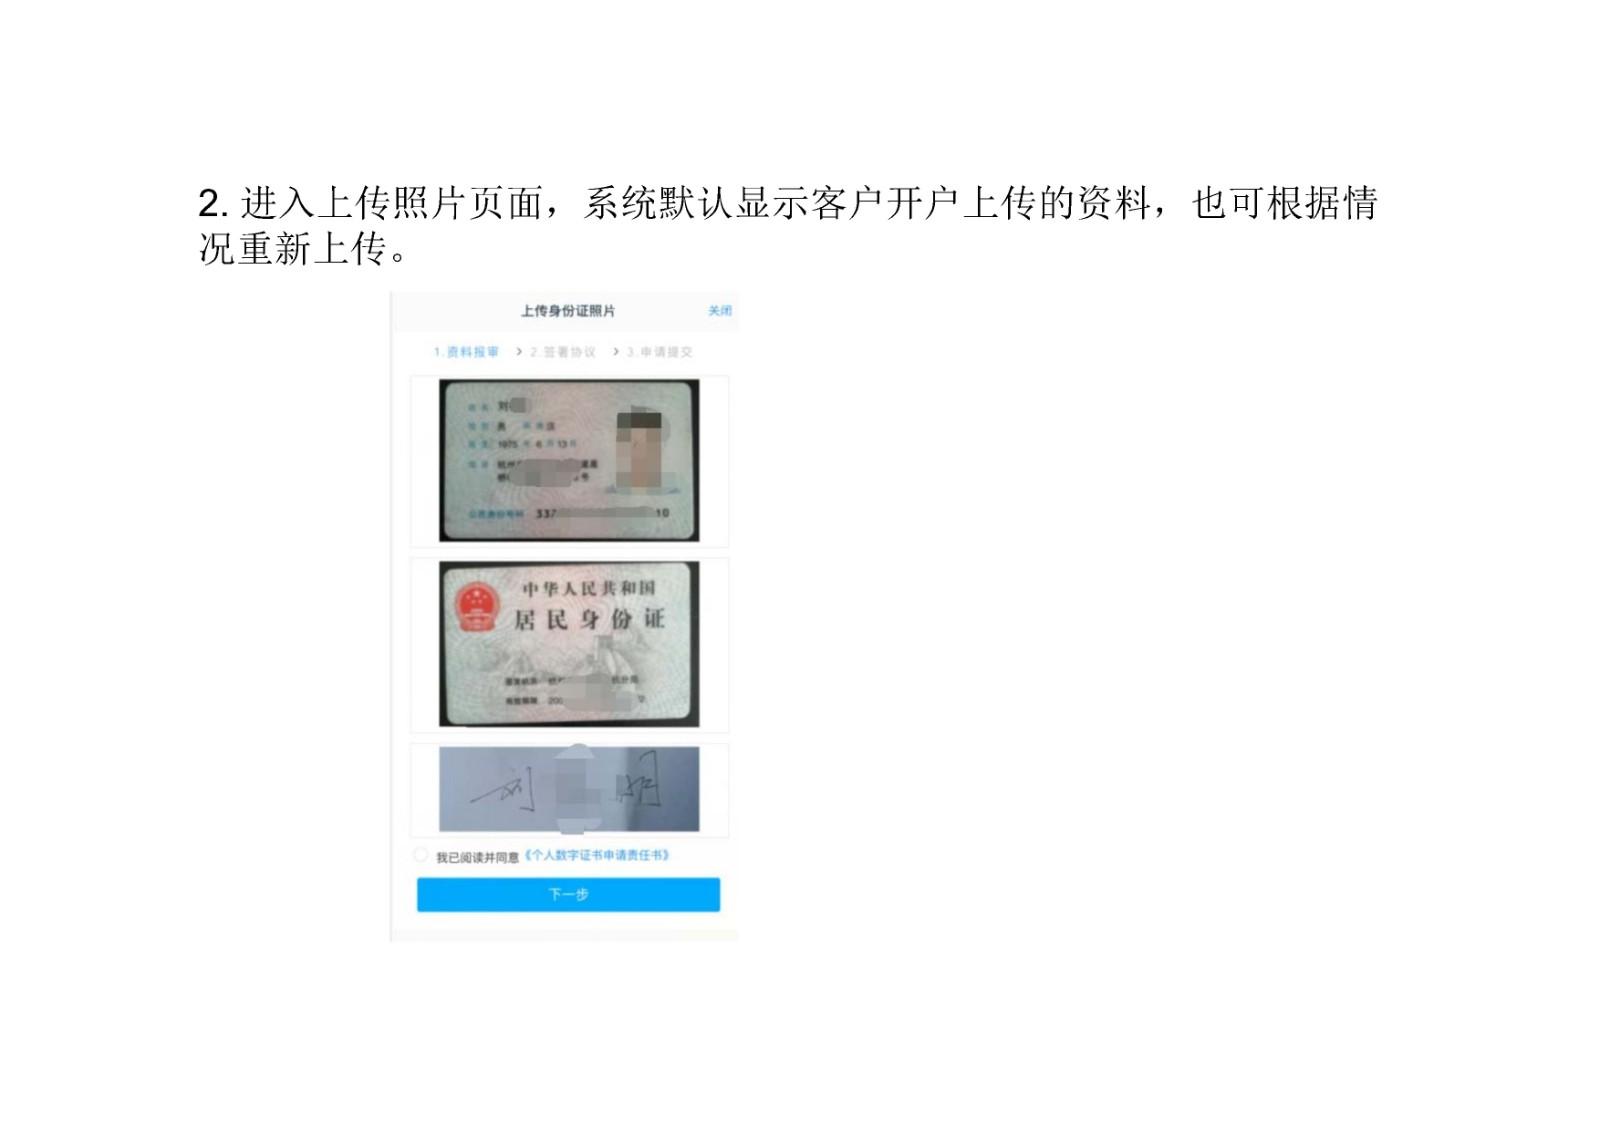 修改结算账户流程_Page4.jpg